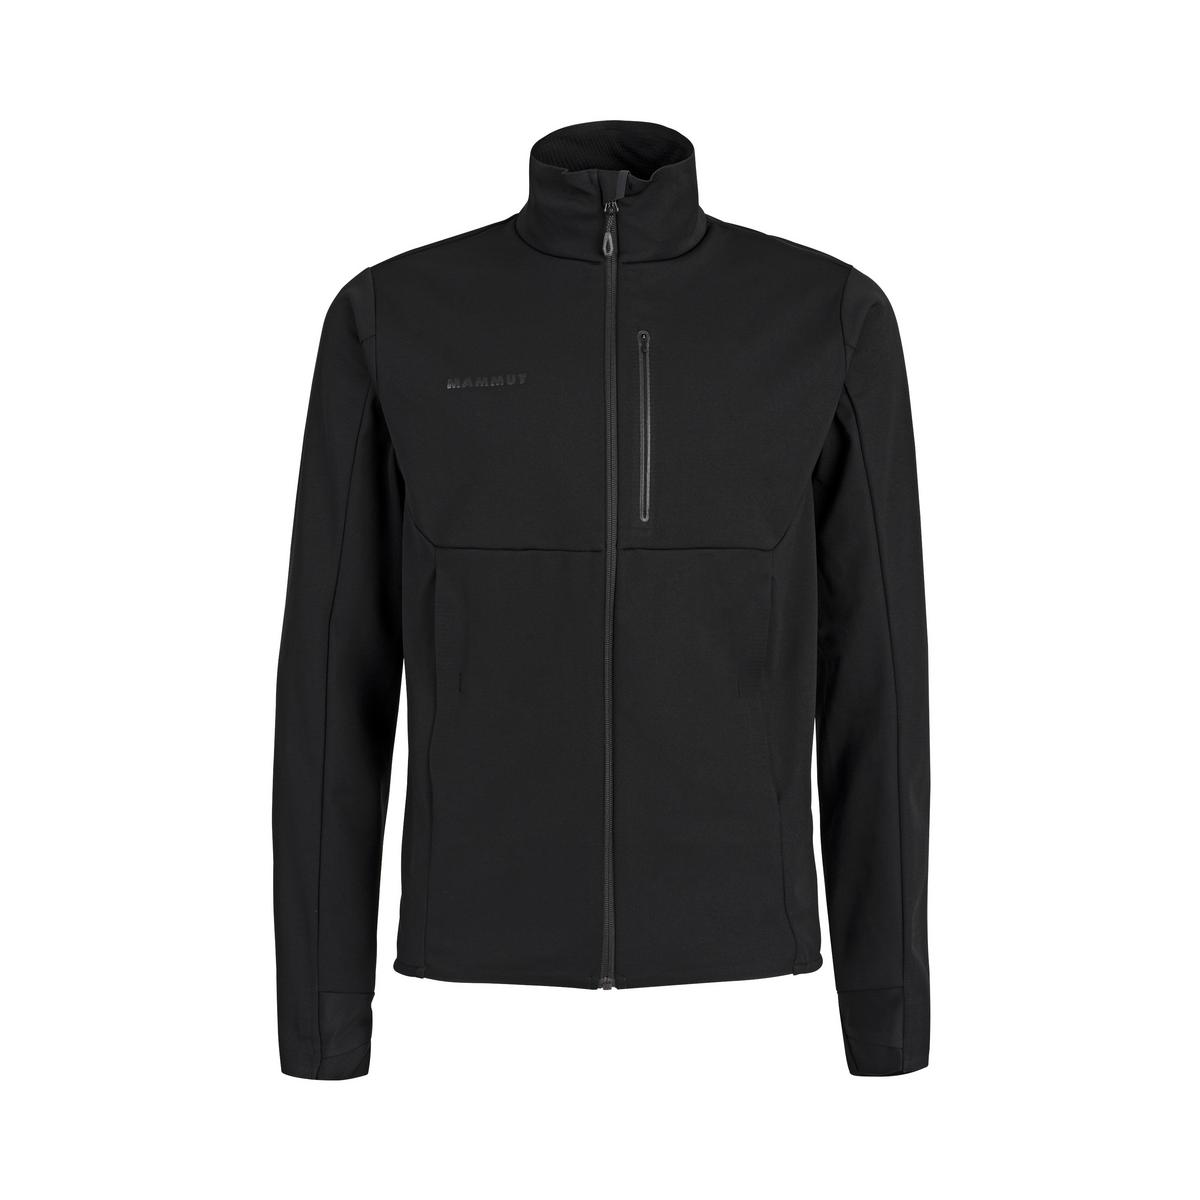 newest be37e 40536 Ultimate V SO Jacket Men